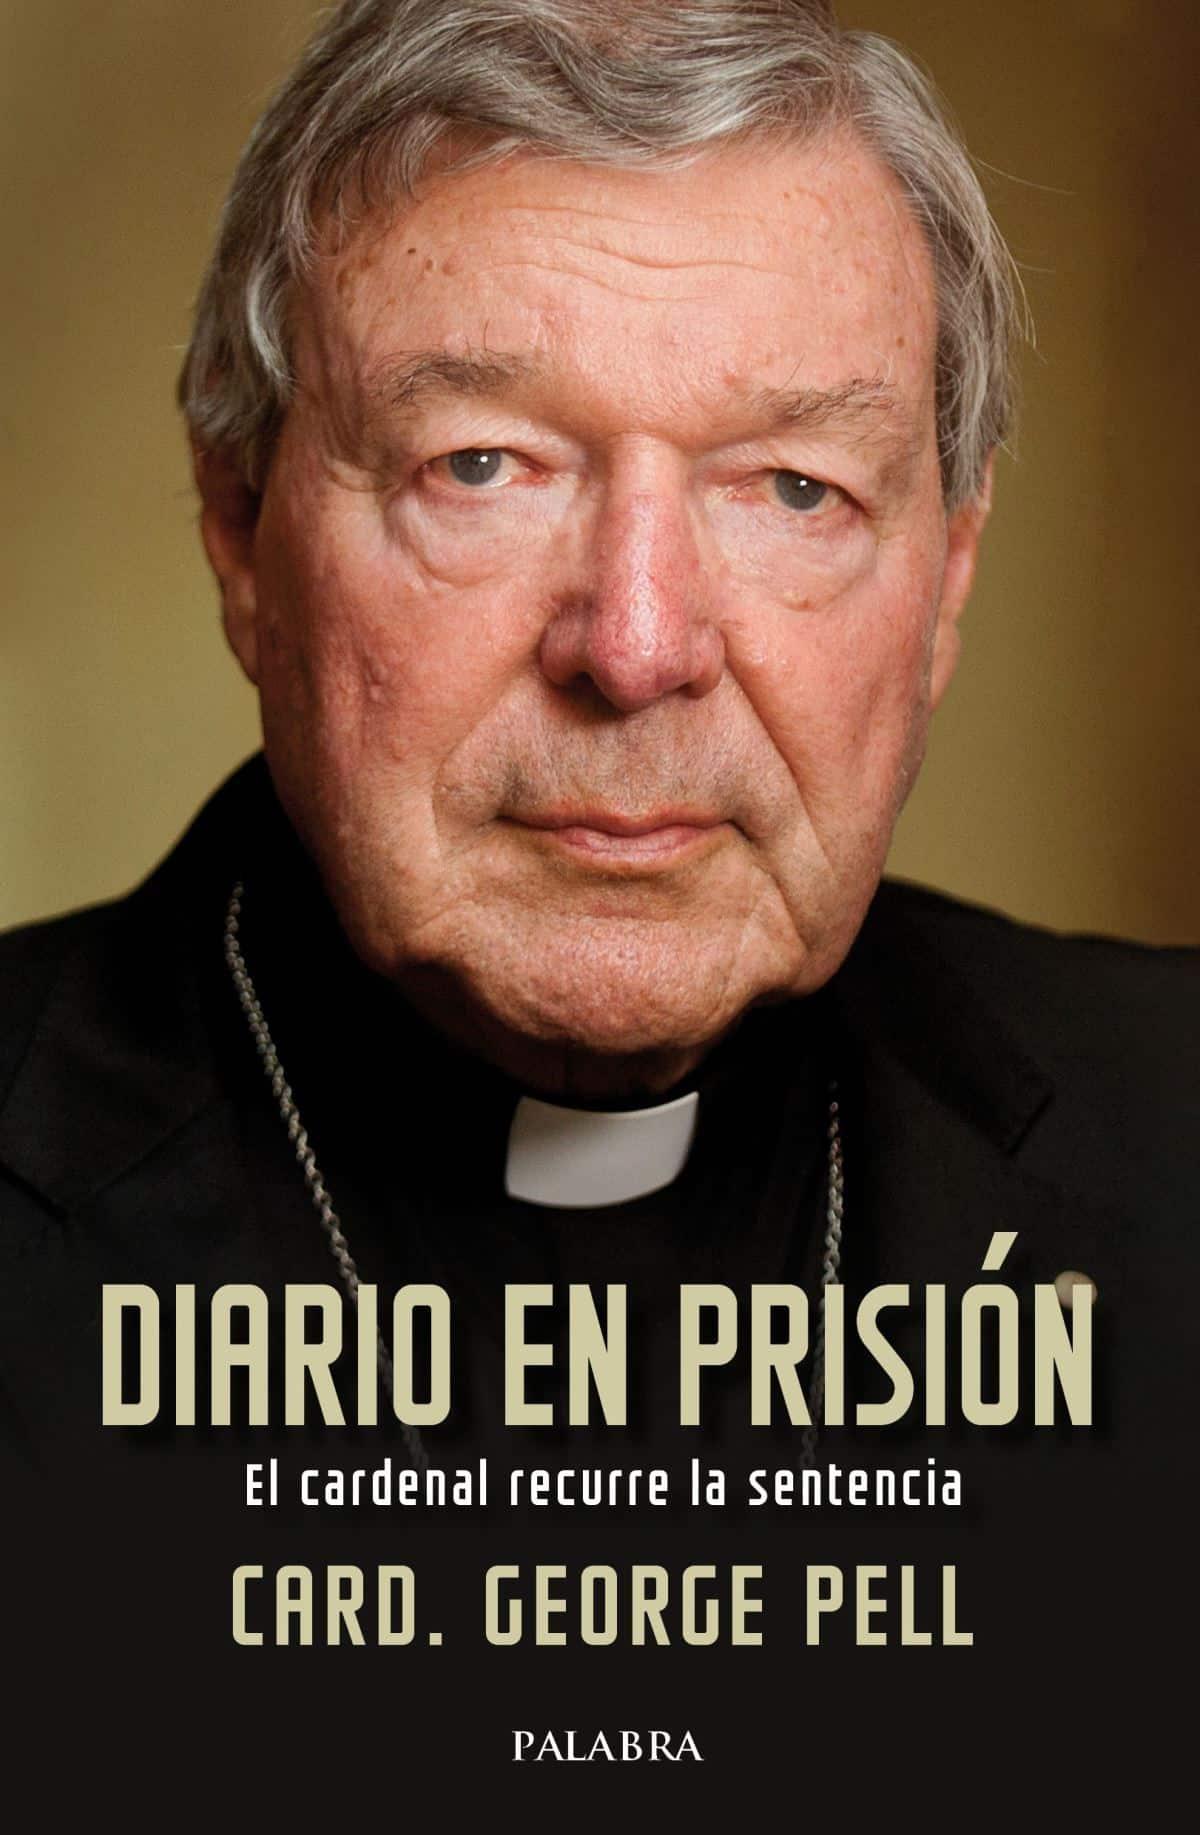 Diario en prisión: el cardenal Pell recurre la sentencia.